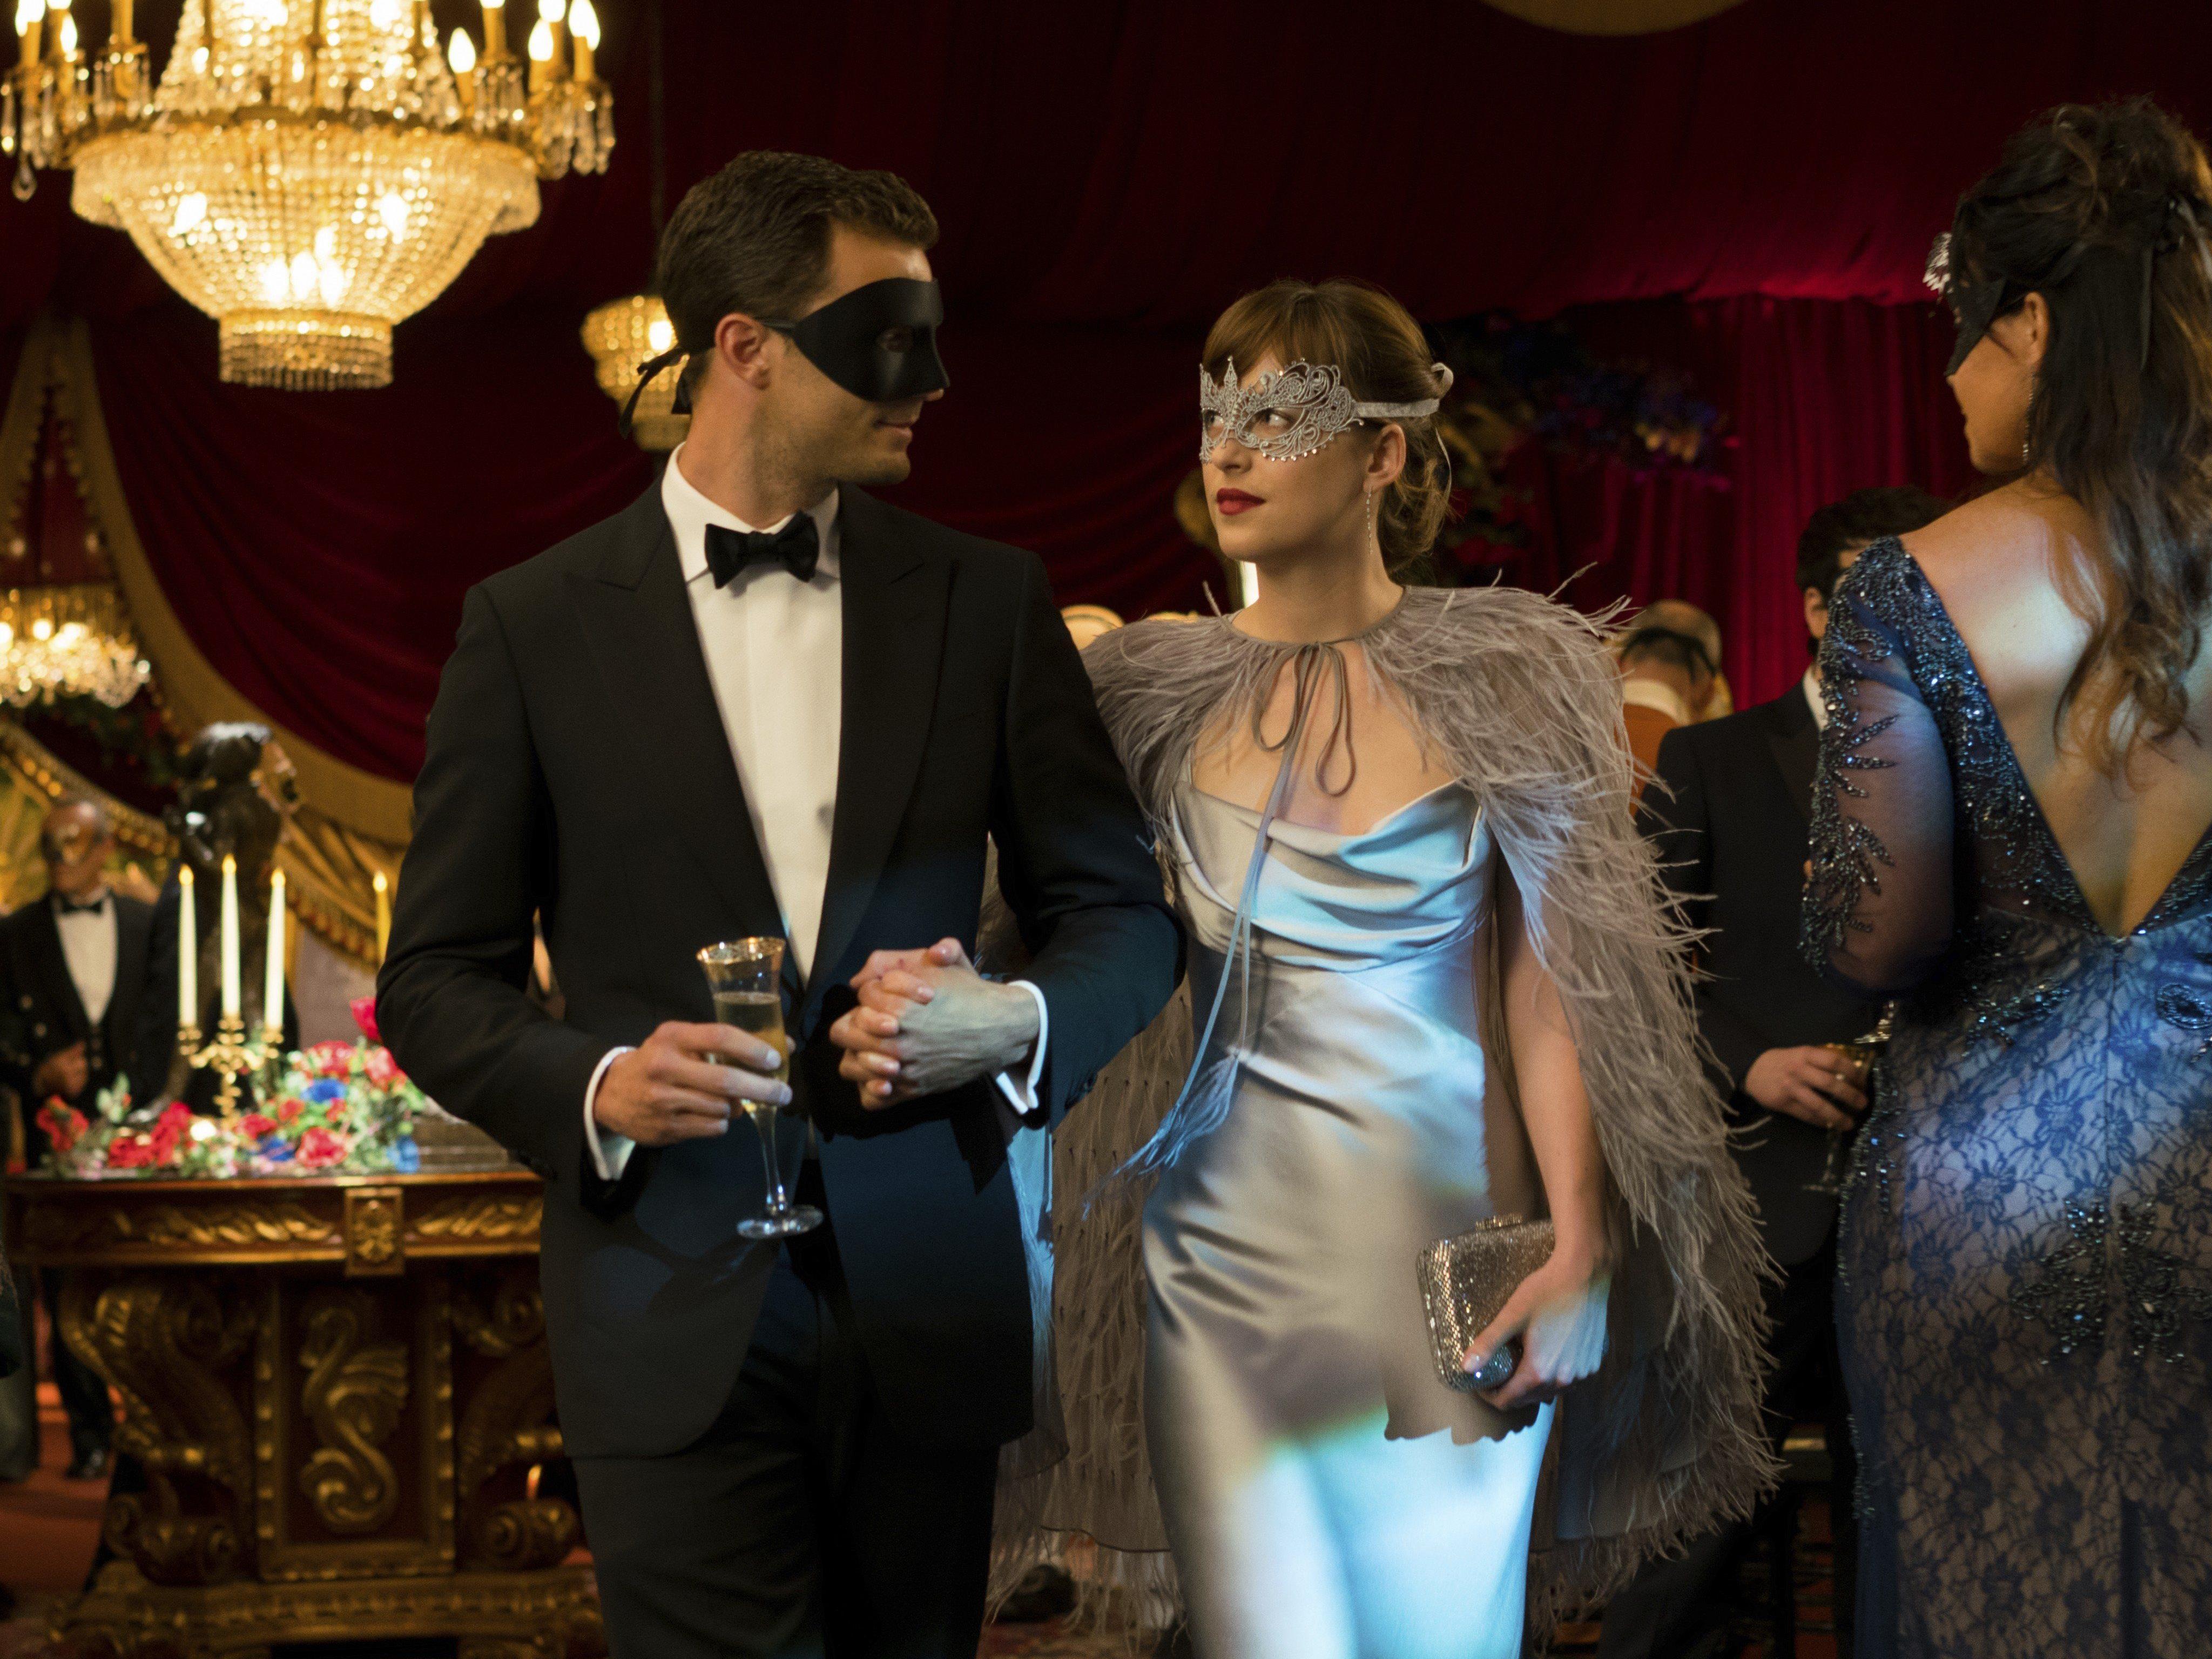 Fifty Shades Of Grey 2 Sex Ist Nebensache Tv Und Film Volat